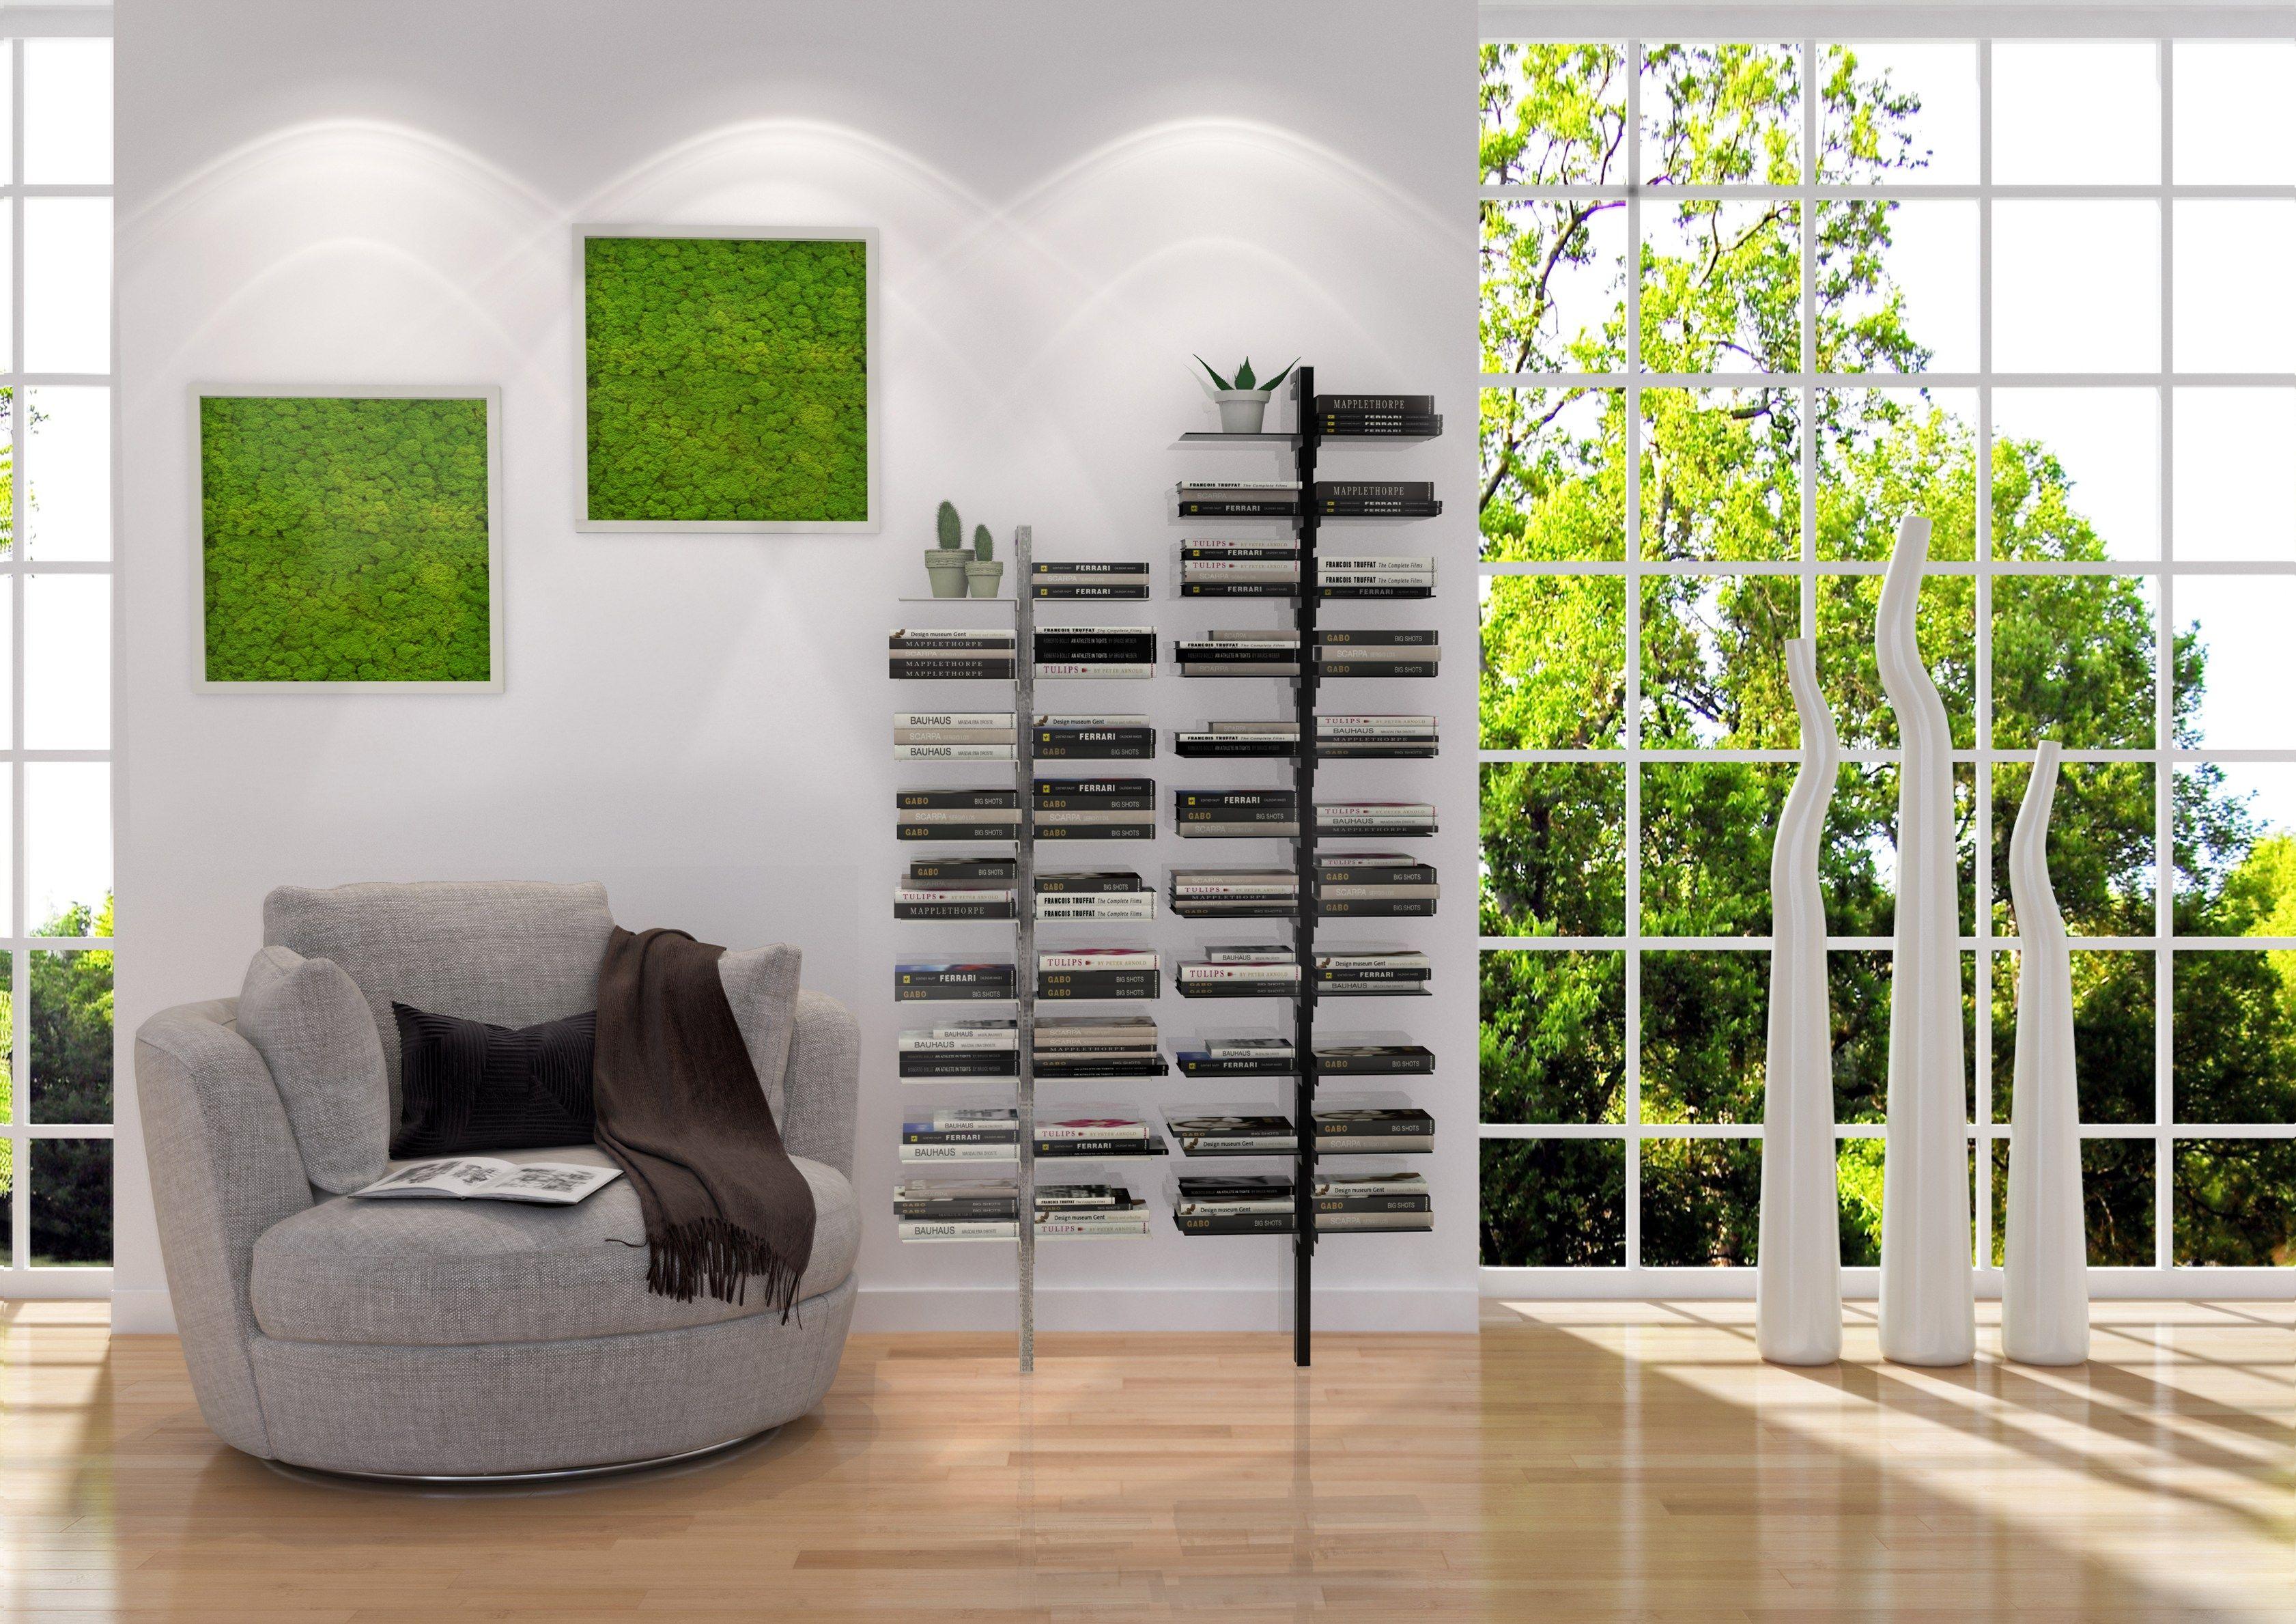 Lavanderia prateleiras decorazione - Pannelli decorativi ...